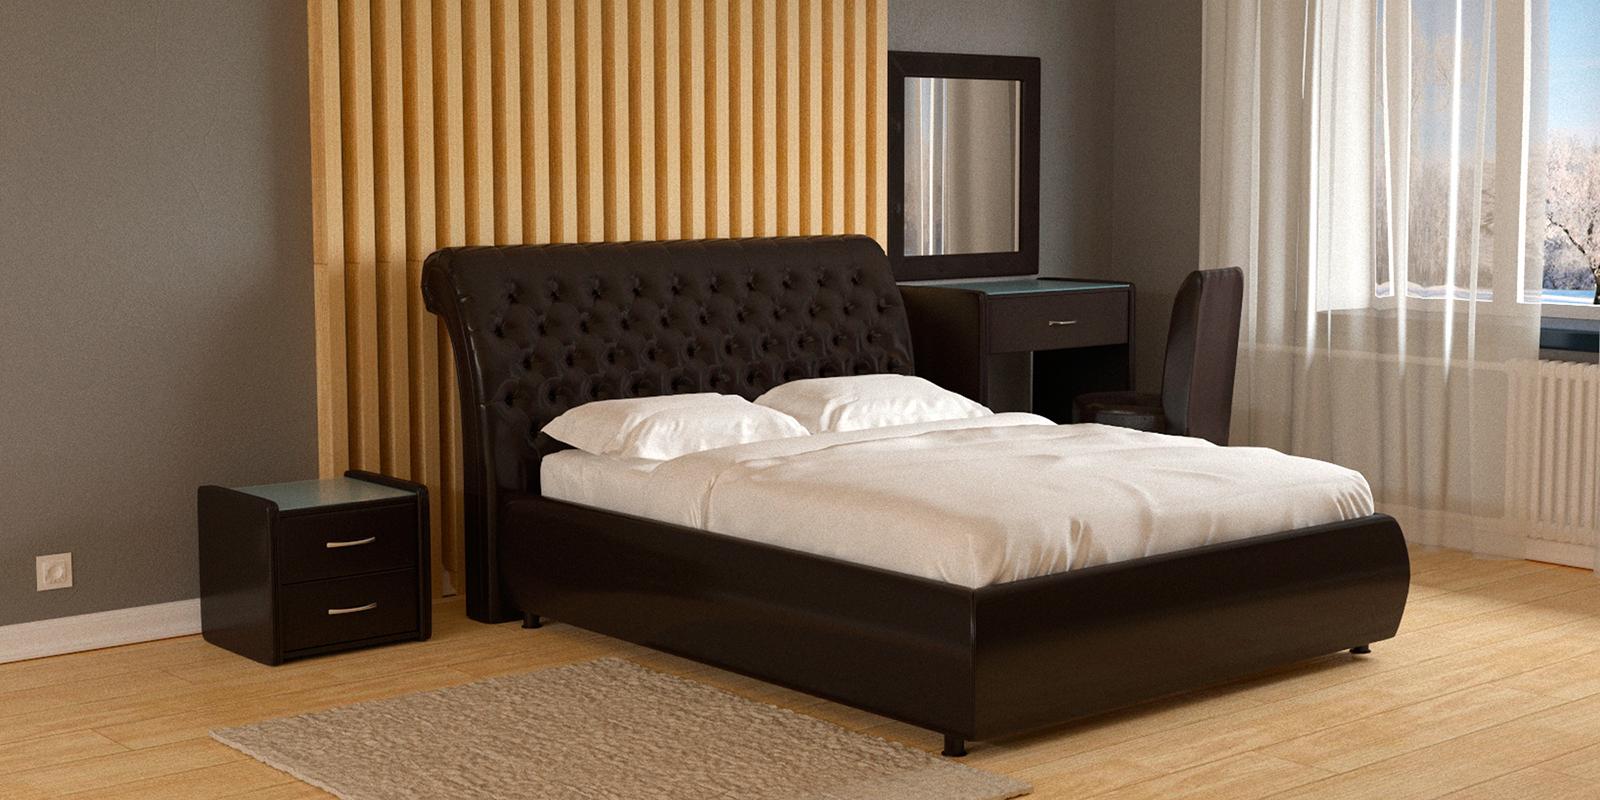 Мягкая кровать 200х160 Малибу вариант №6 с подъемным механизмом (Шоколад)